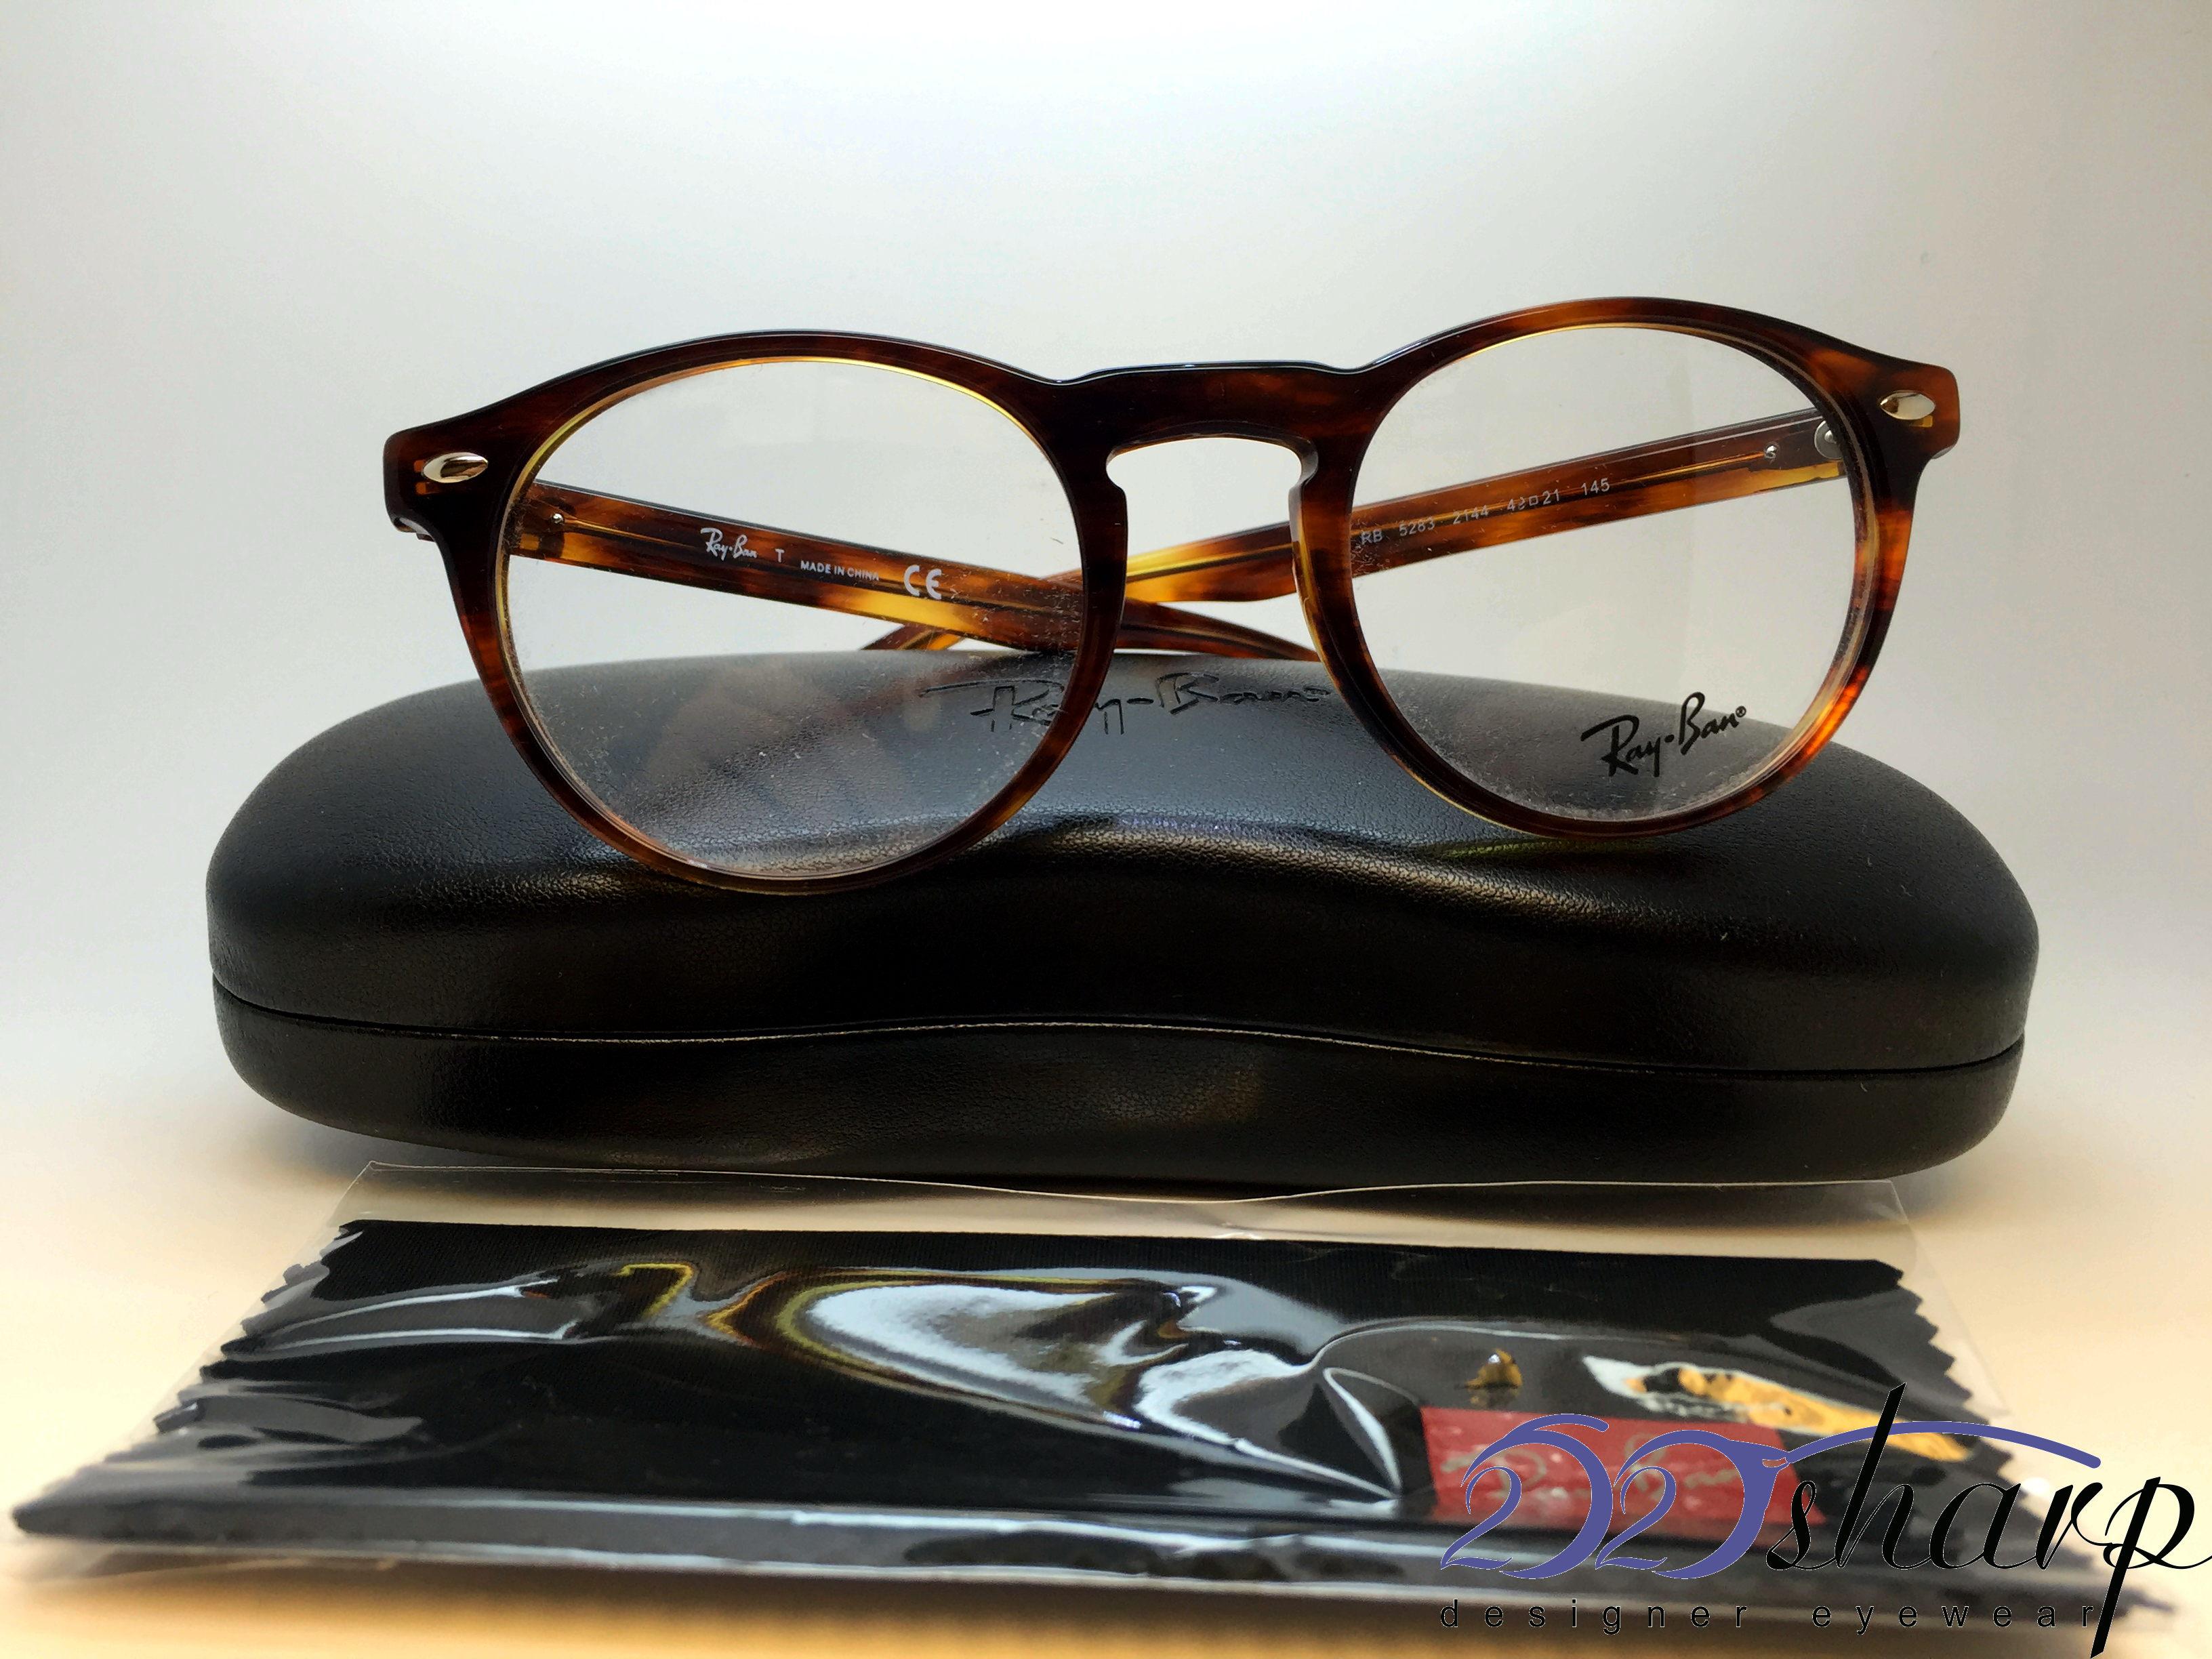 f82173b961e Ray Ban Eyeglasses-RB 5283 2144 49 Striped Havana